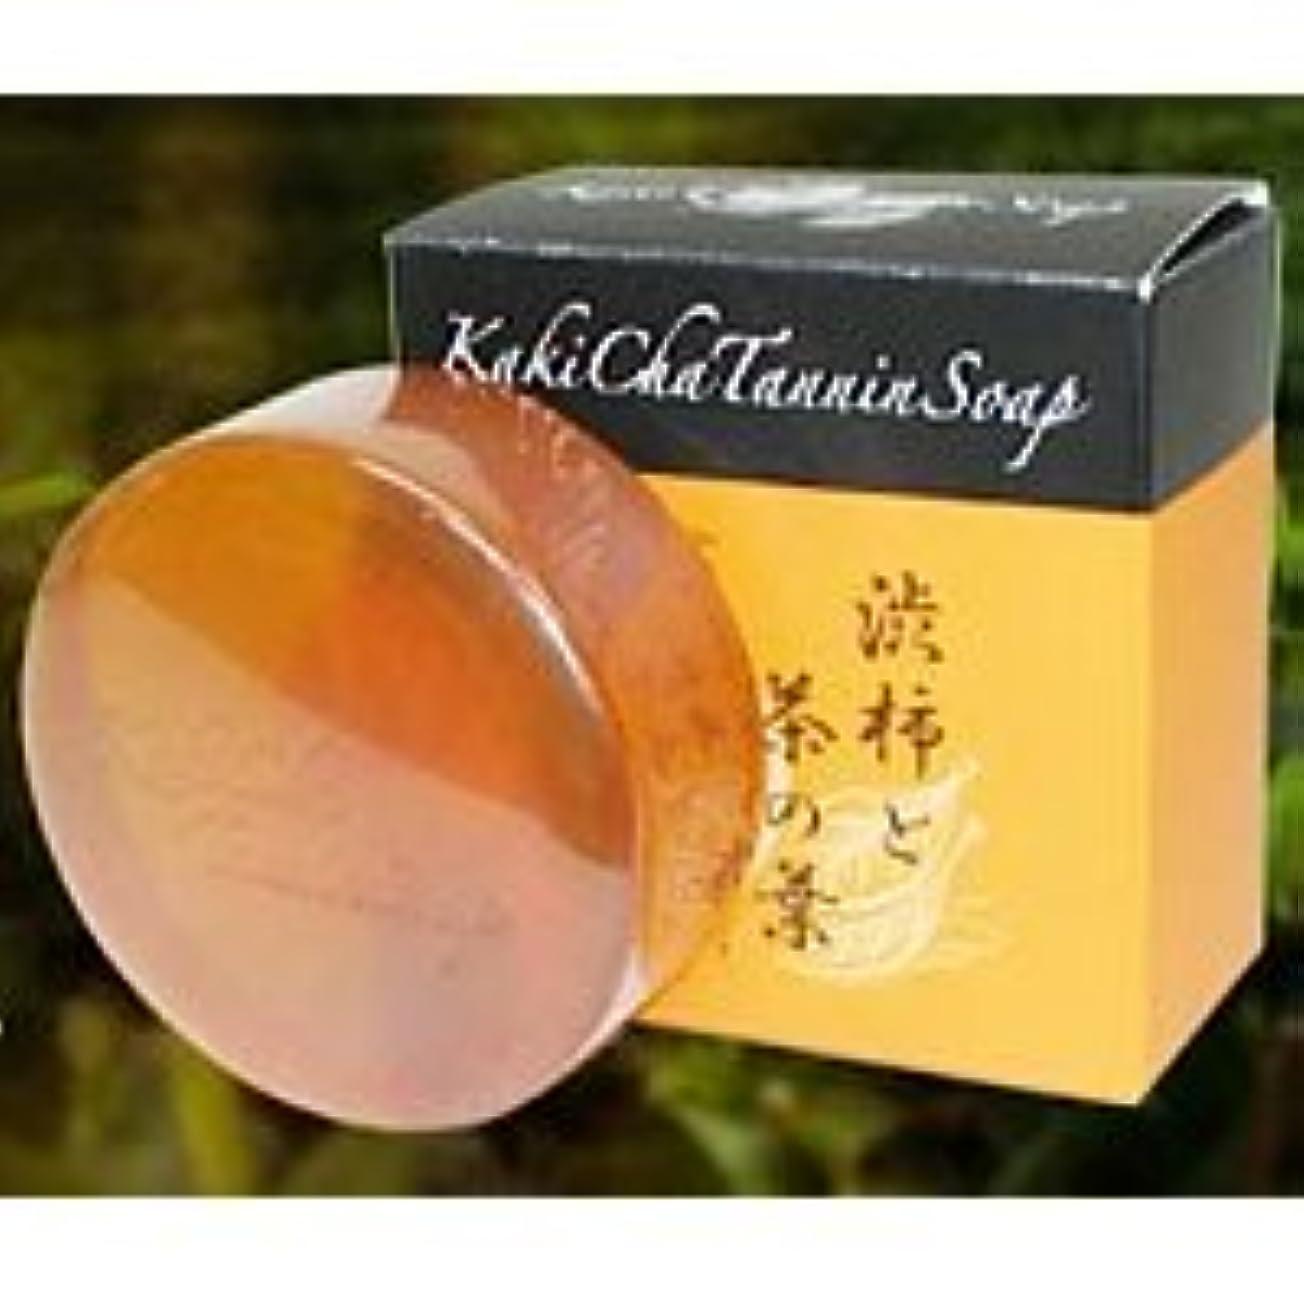 階農業効能あるカキチャタンニンソープ 安心の日本製 カキチャタンニンソープ (マイルドクリアソープ) カキチャ タンニンソープ 柿渋ソープ